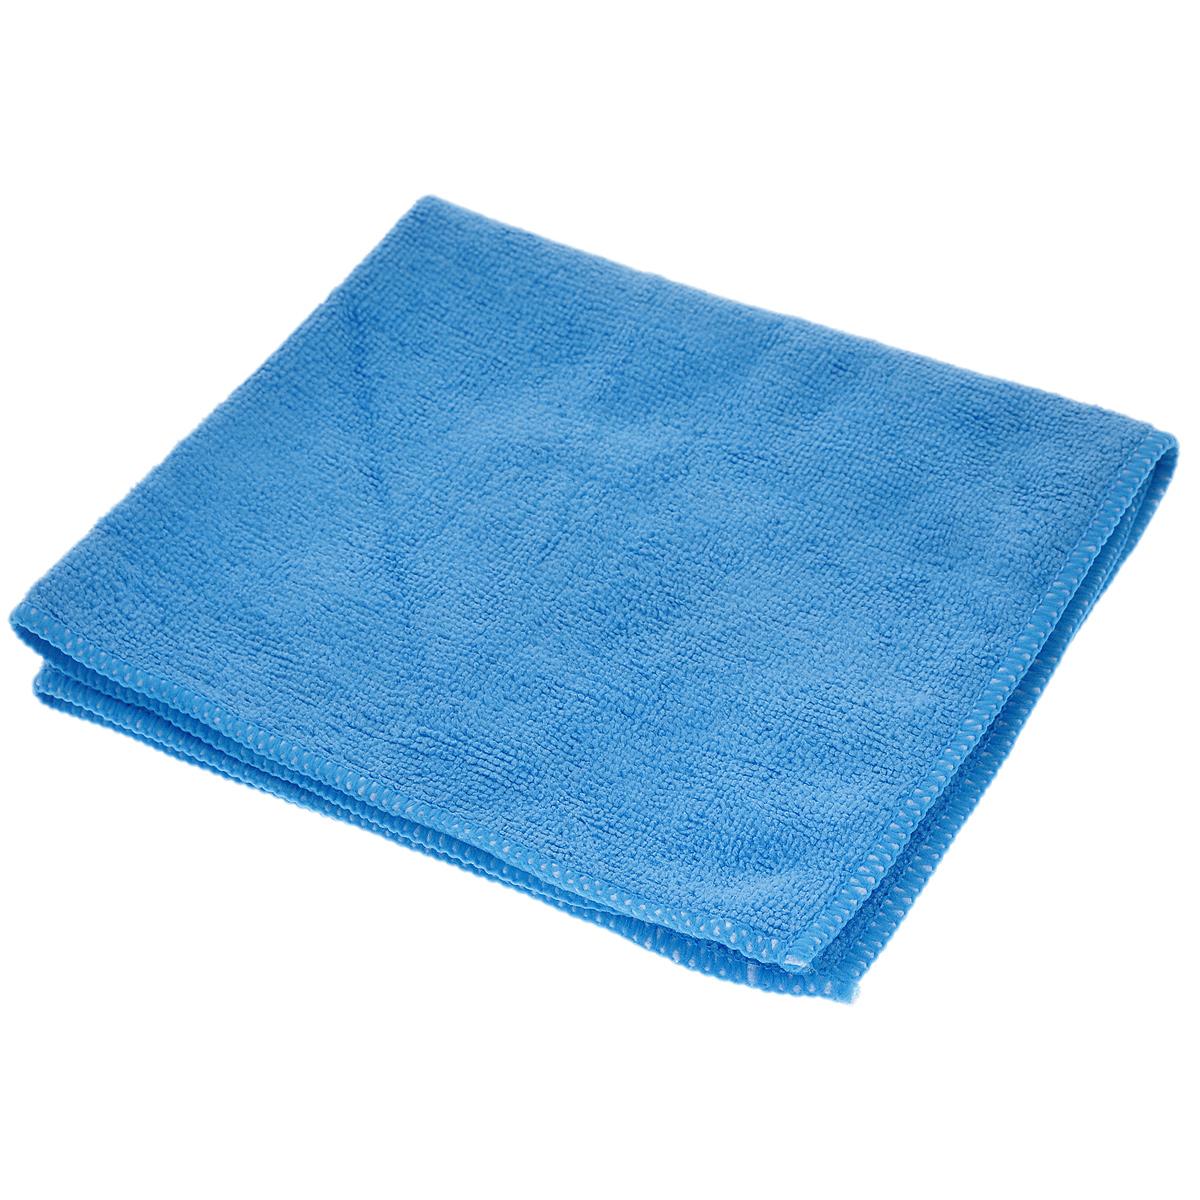 Салфетка из микрофибры Magic Power, для ухода за СВЧ печами и духовыми шкафами, цвет: синий, 35 х 40 см531-105Салфетка Magic Power, изготовленная из микрофибры (75% полиэстера, 25% полиамида), предназначена для ухода за СВЧ печами и духовыми шкафами, для очистки внешней и внутренней поверхности плит и микроволновых печей от любых видов загрязнений, для полировки и придания блеска. Идеально подходит для использования со средствами Magic Power по уходу за СВЧ-печами и духовыми шкафами. Не оставляет разводов и ворсинок. Обладает повышенной прочностью.